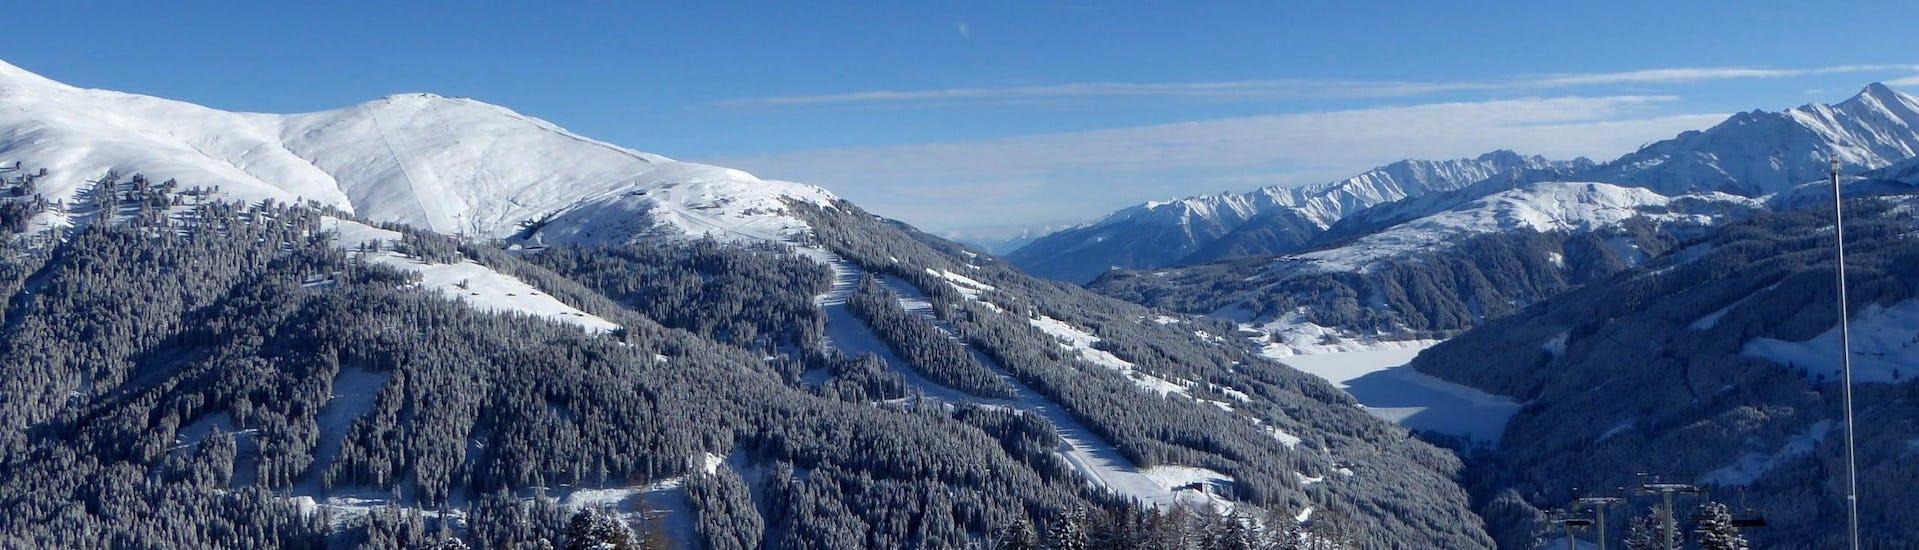 Blik op een zonnig berglandschap tijdens een skiles met een van de skischolen in Gerlos.